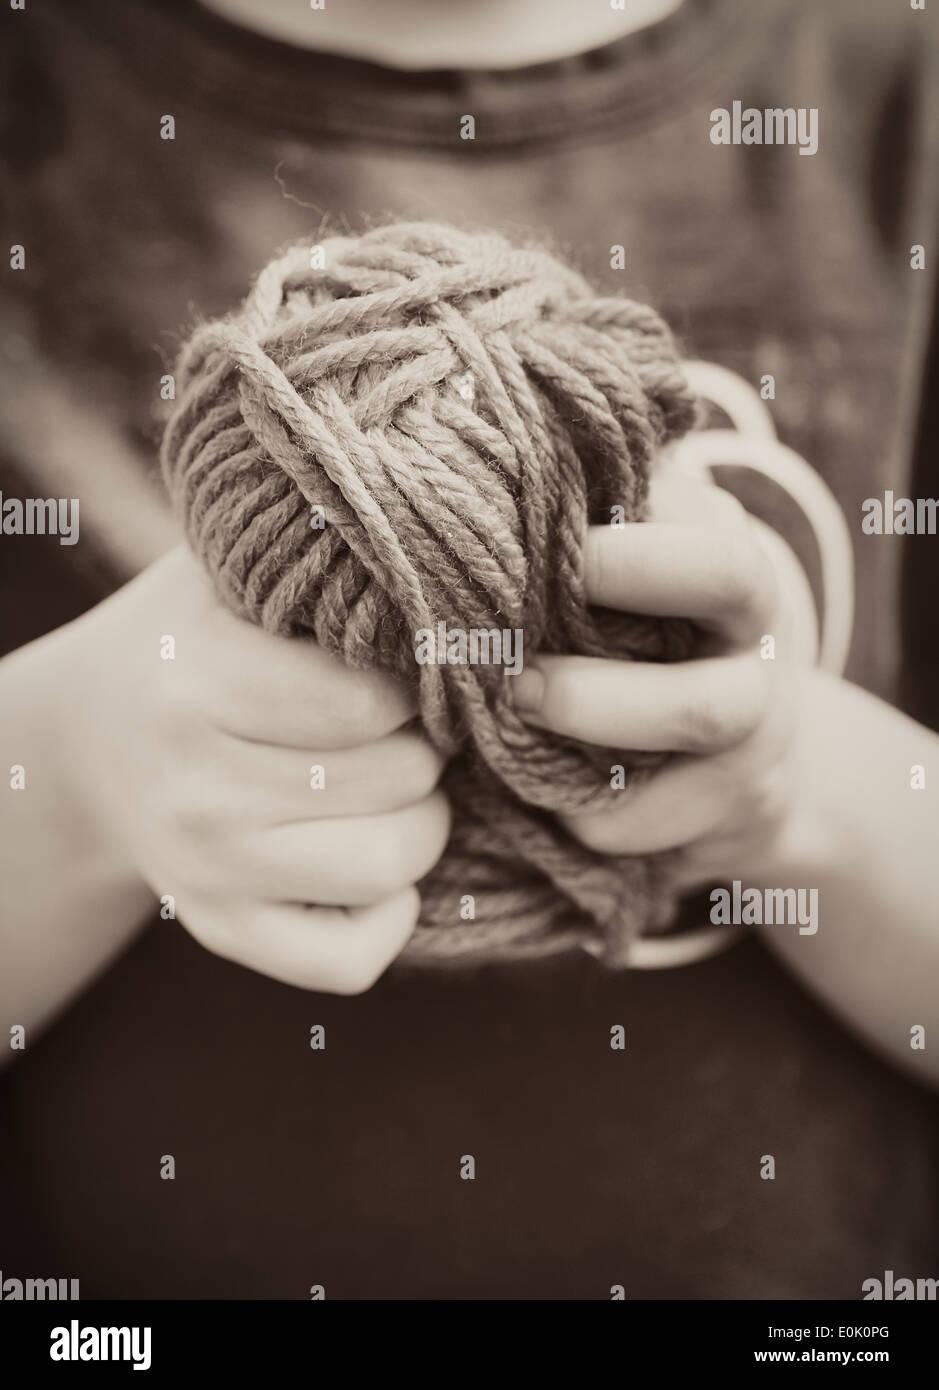 Nahaufnahme eines kleines Mädchen einem Knäuel in ihren Händen hält Stockbild